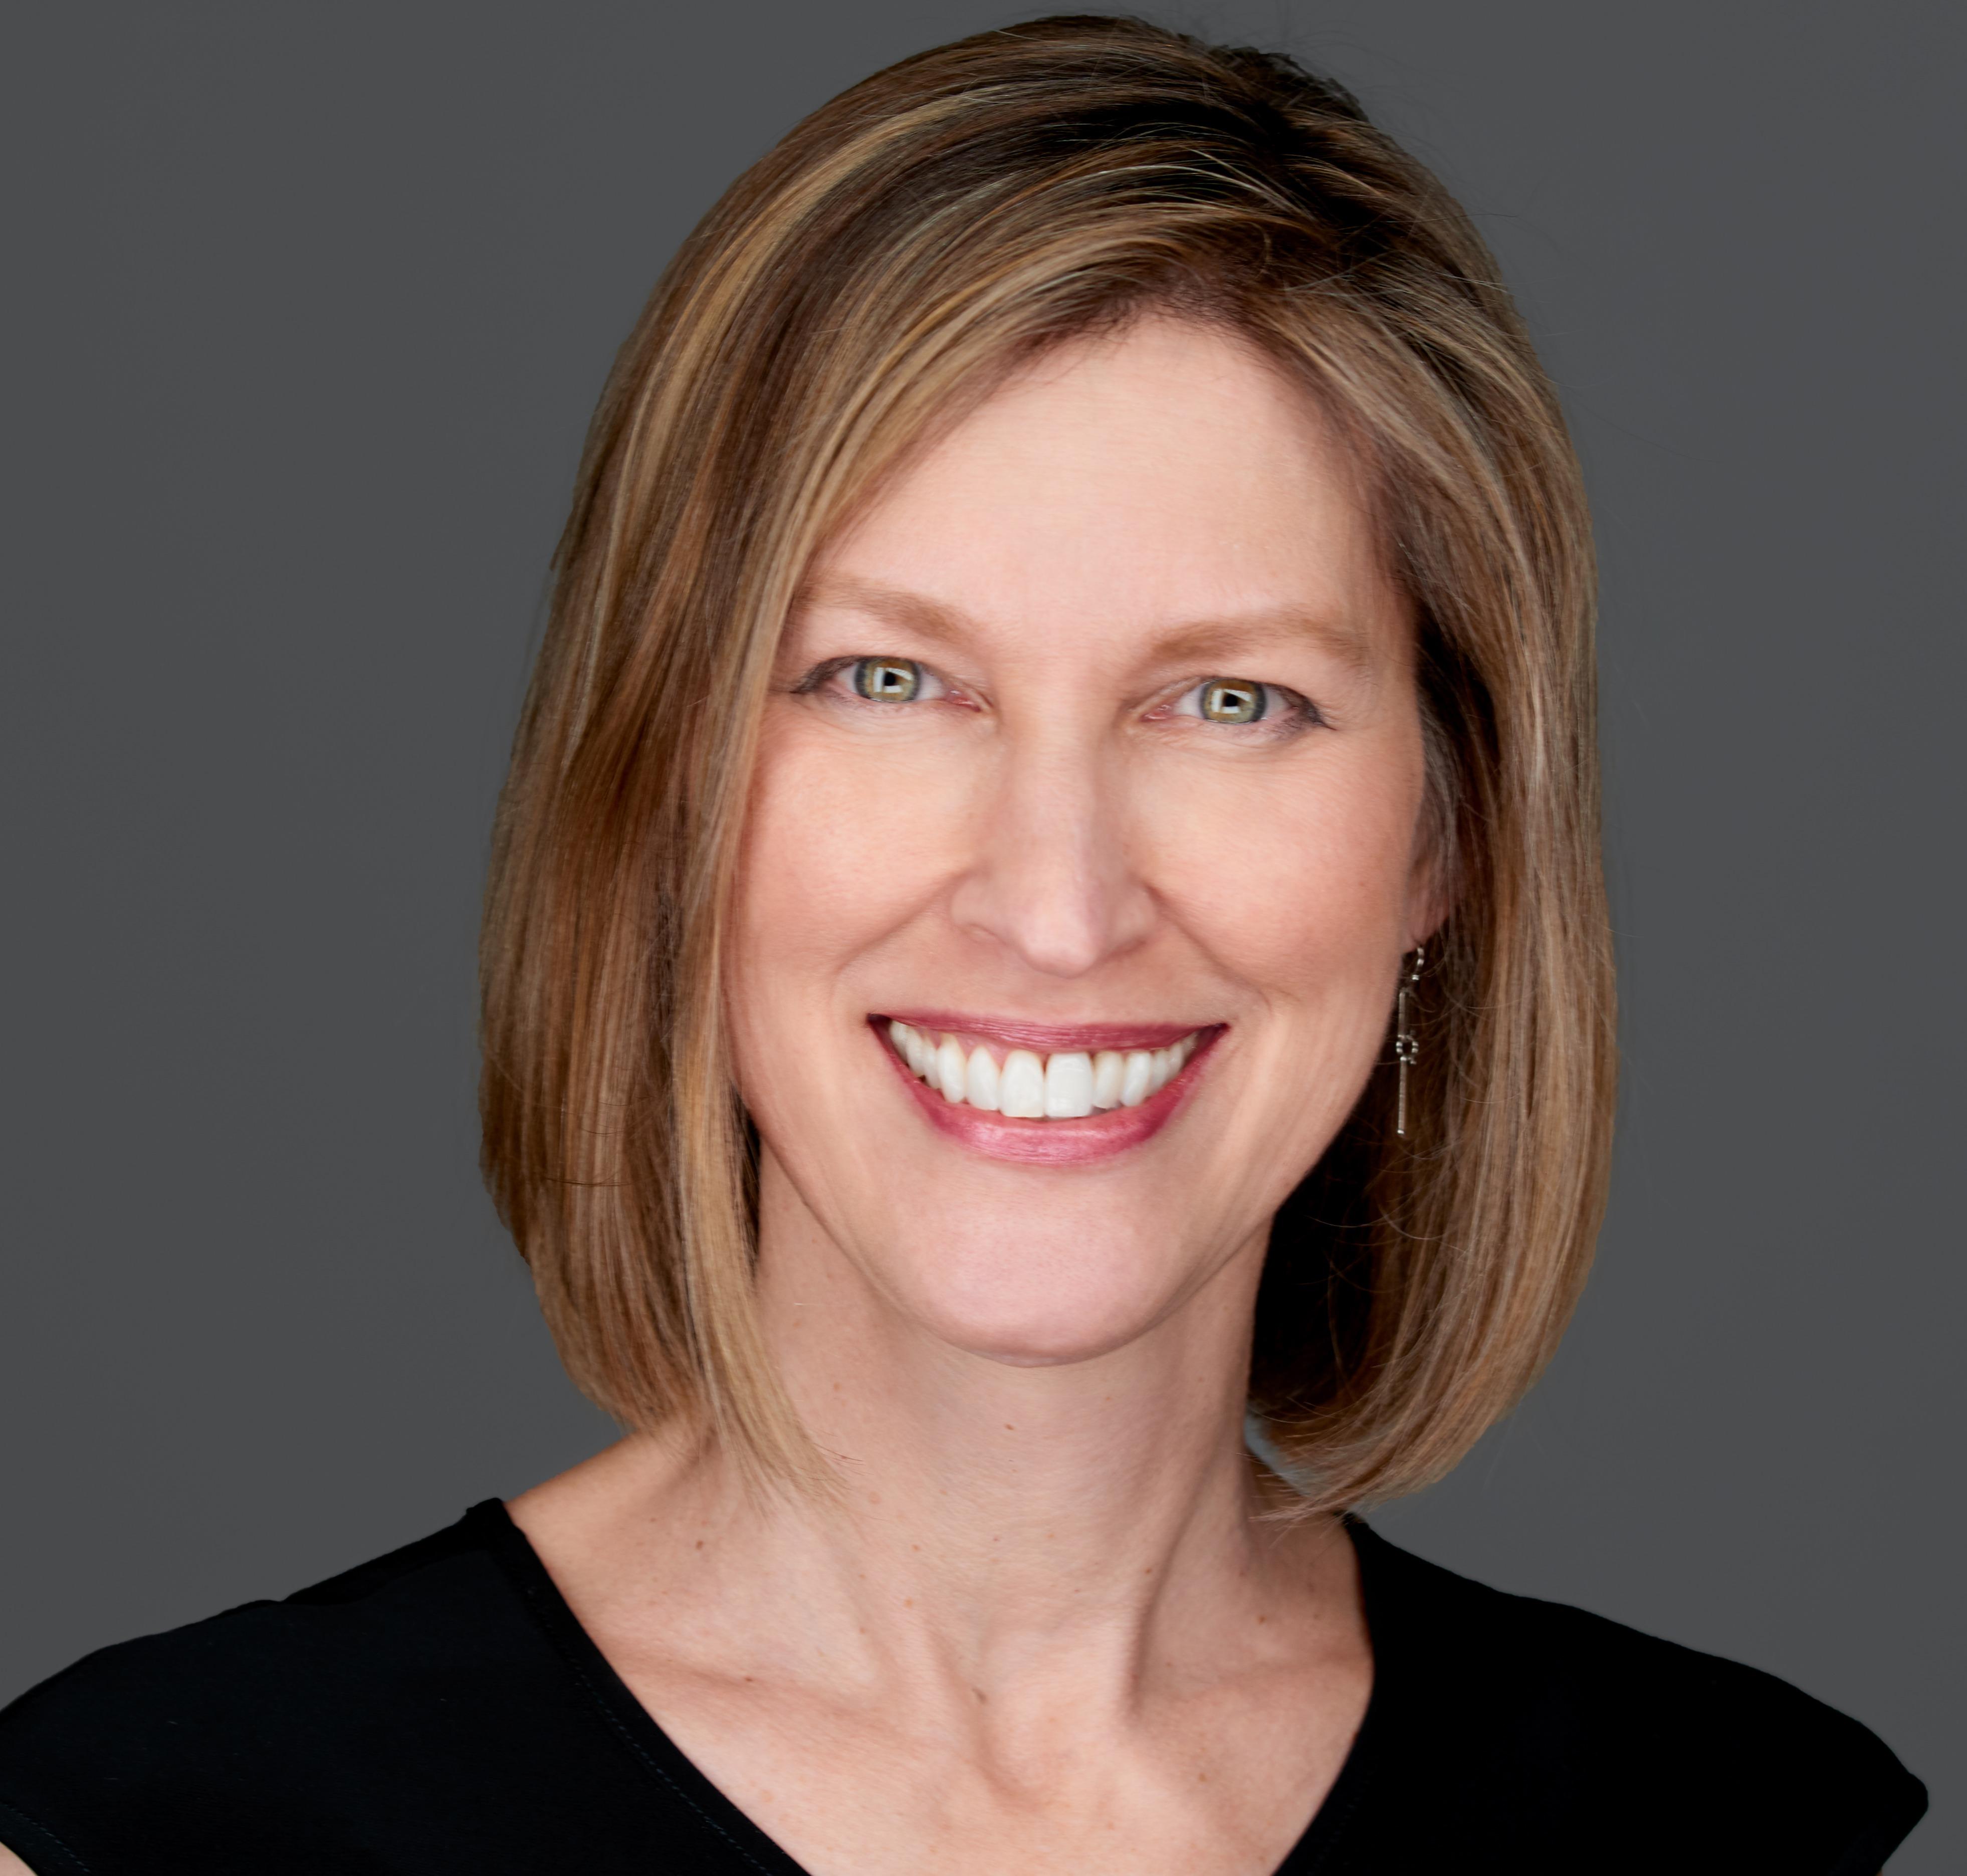 Pam Jeffries